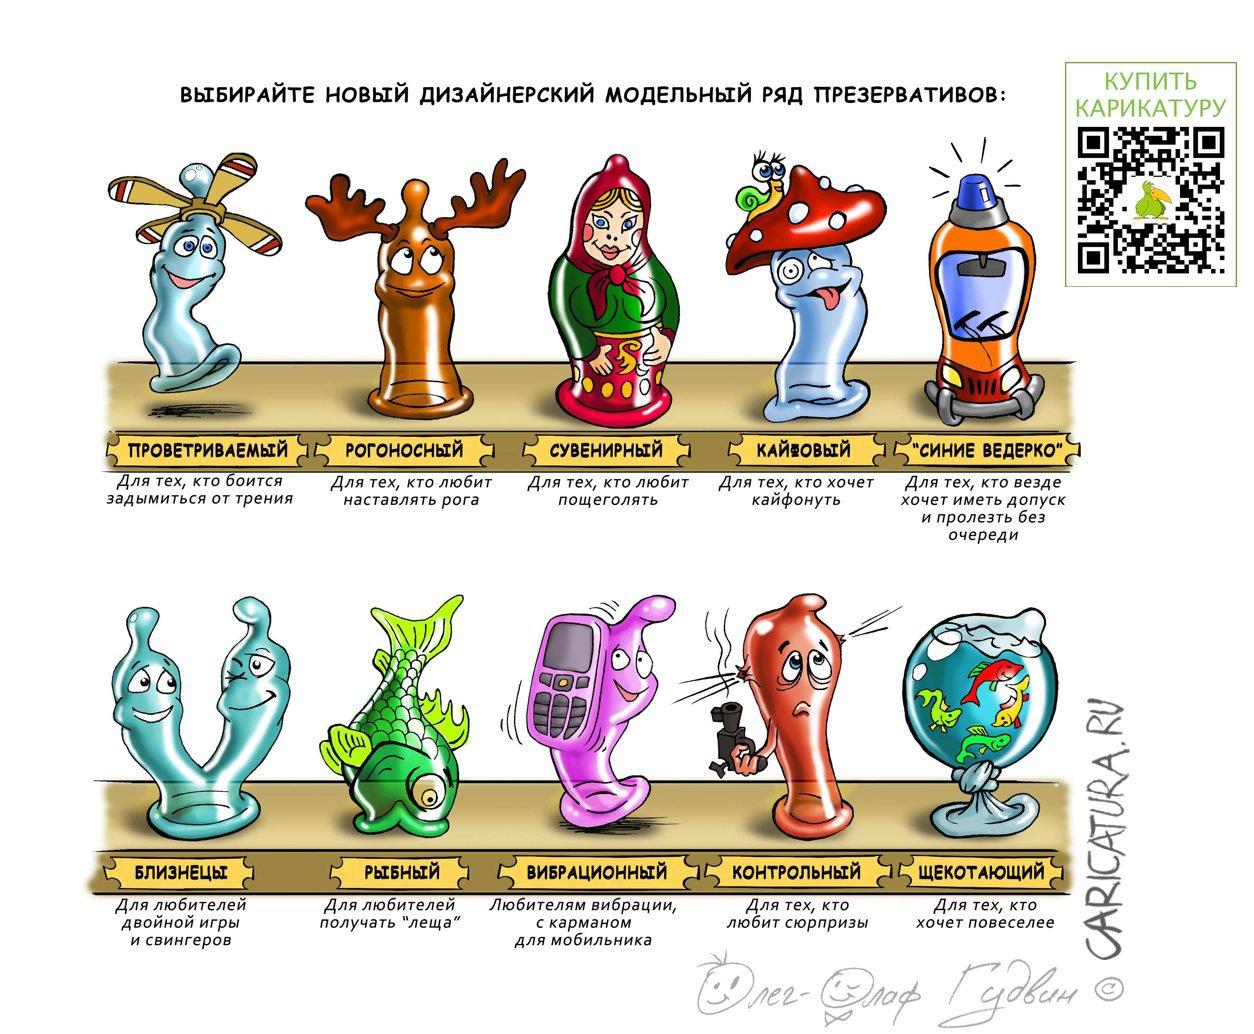 Хорошии модельныи ряд презервативов, Олег-Олаф Гудвин